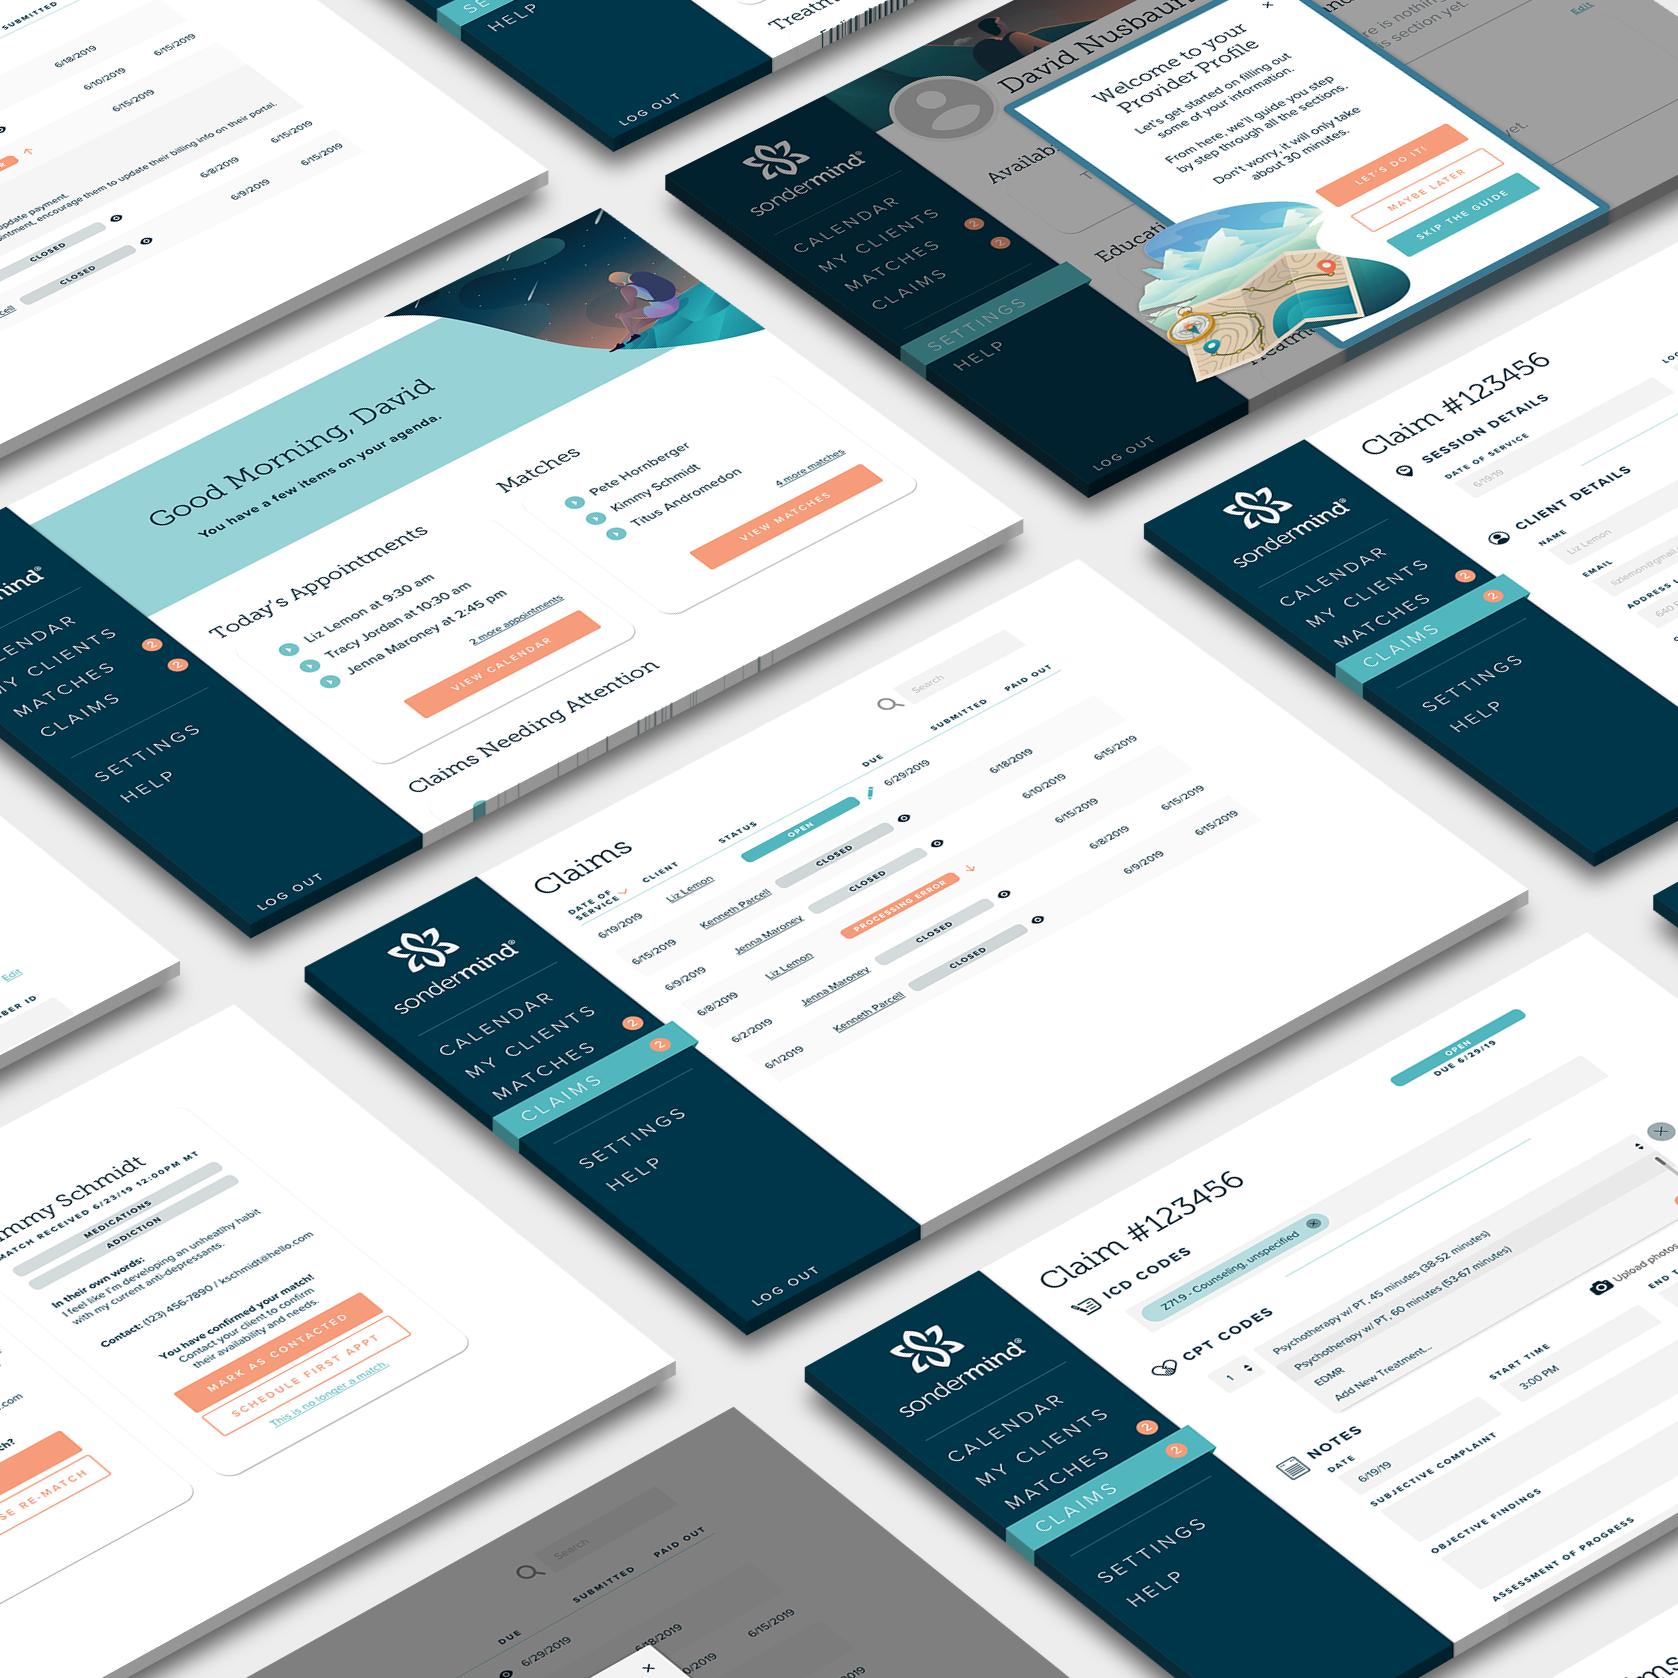 Screenshots of product UI.